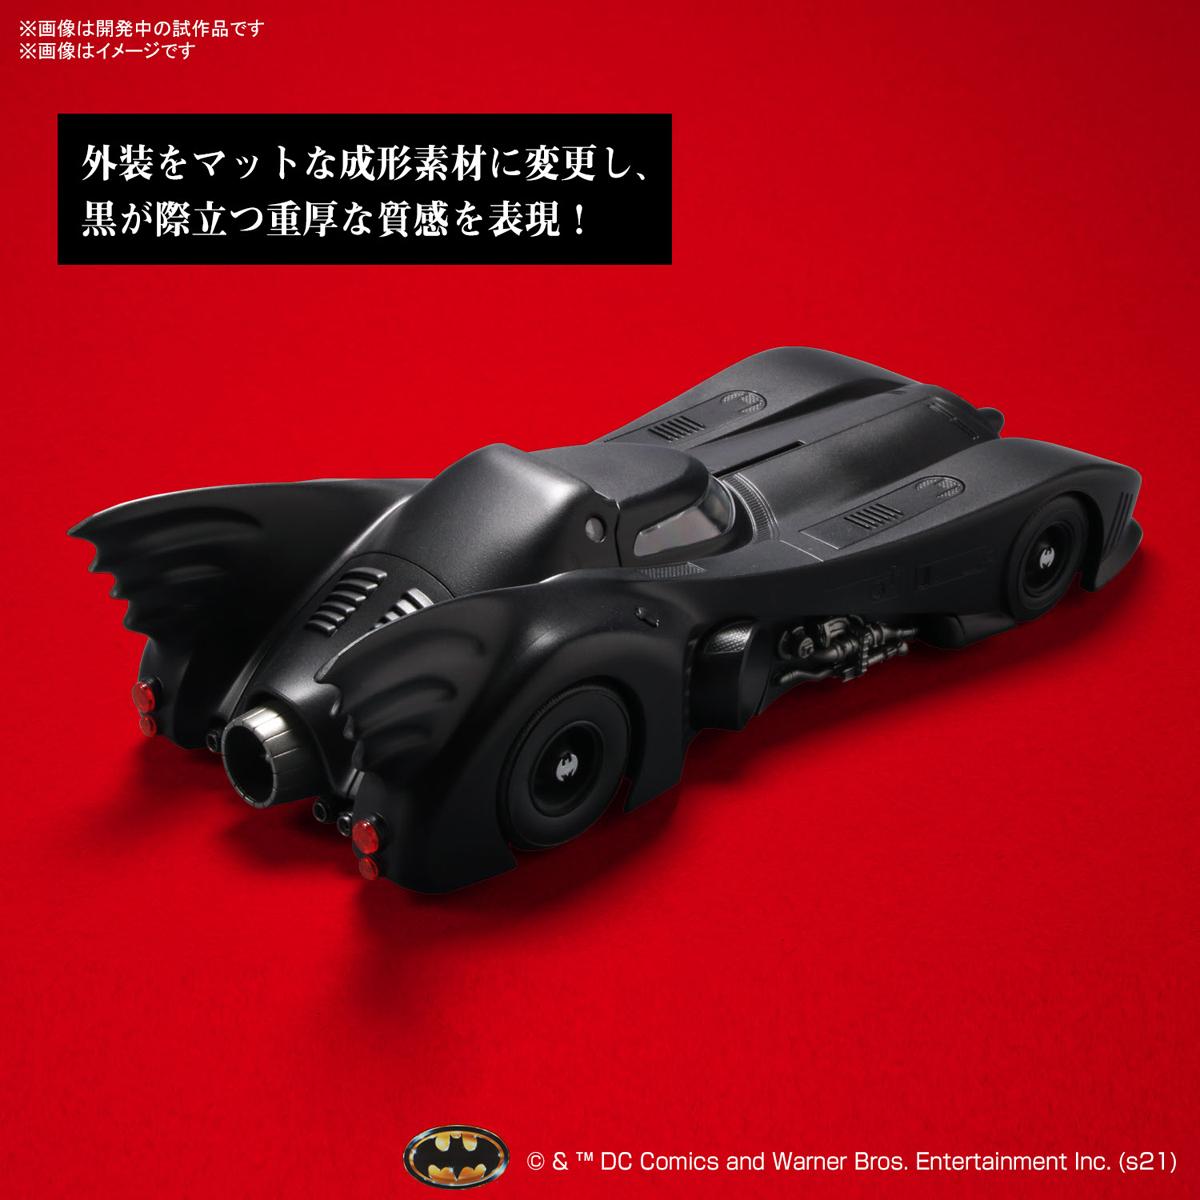 1/35 SCALE『バットモービル(バットマン ビギンズVer.)』プラモデル-005